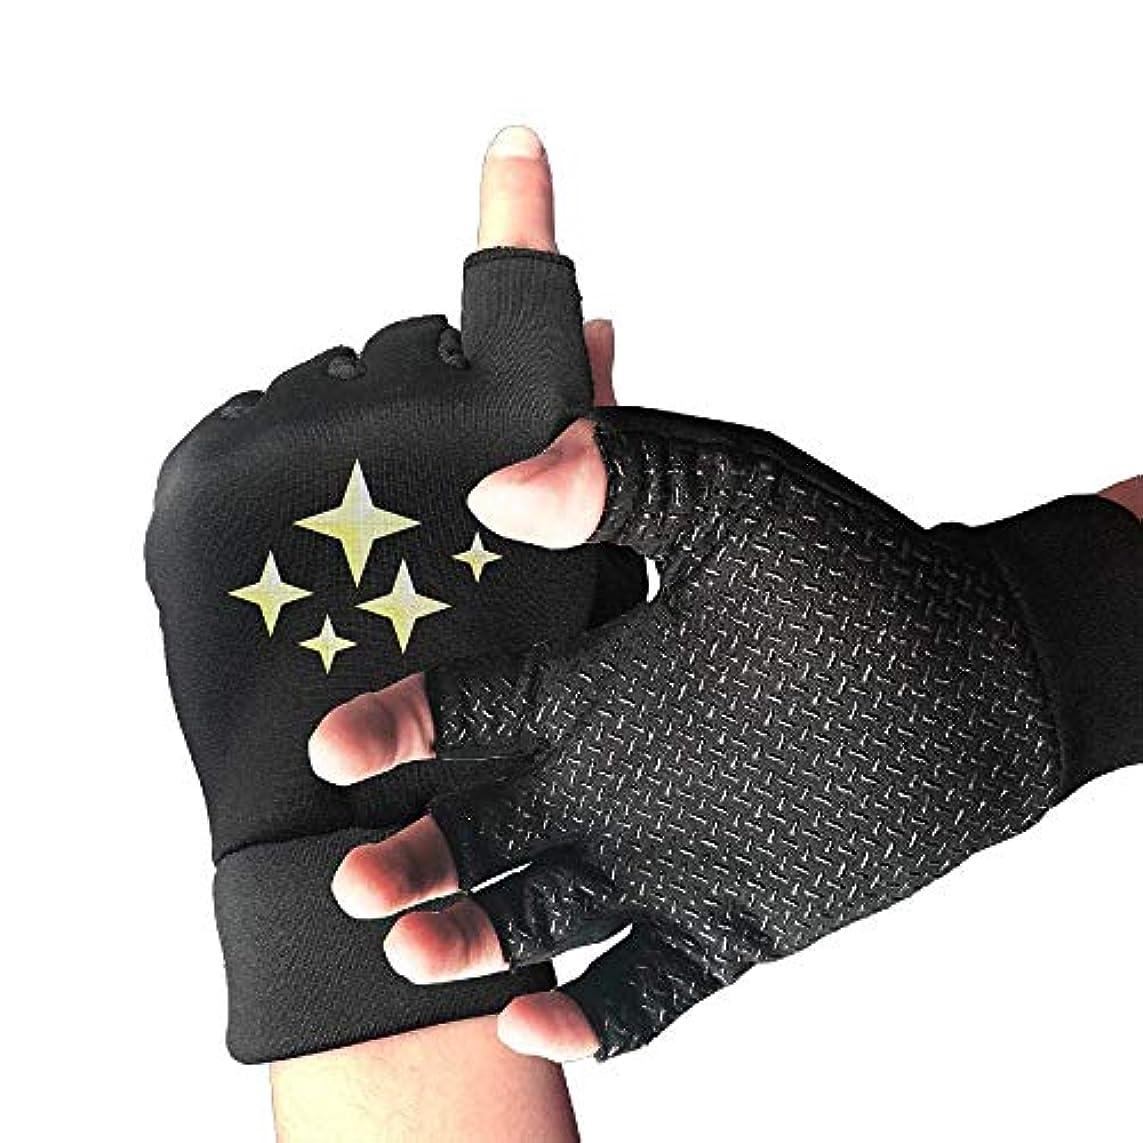 歯車たらいうそつきCycling Gloves Dinky Star Men's/Women's Mountain Bike Gloves Half Finger Anti-Slip Motorcycle Gloves